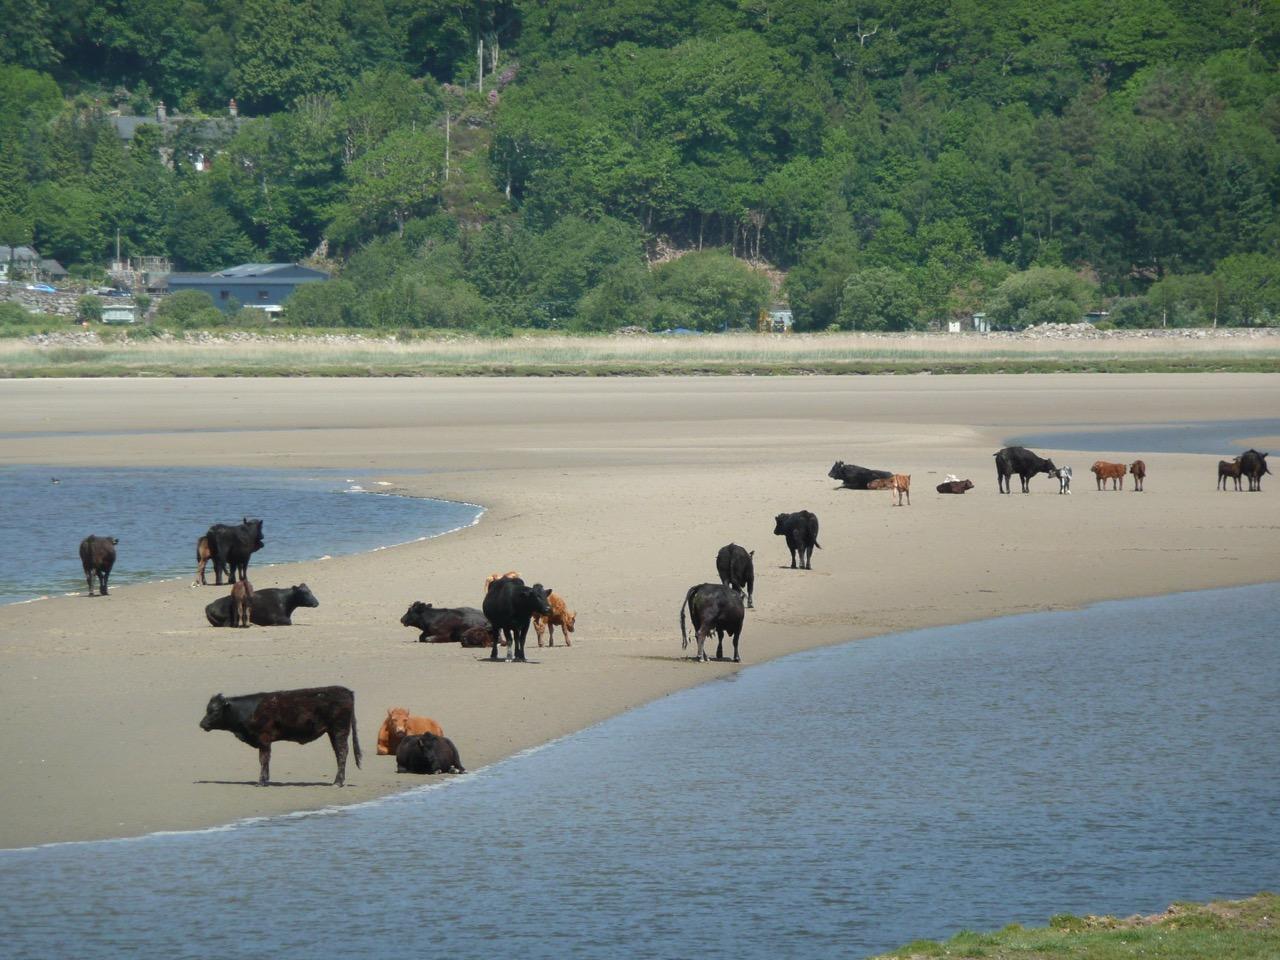 Cows on the Mawddach Estuary